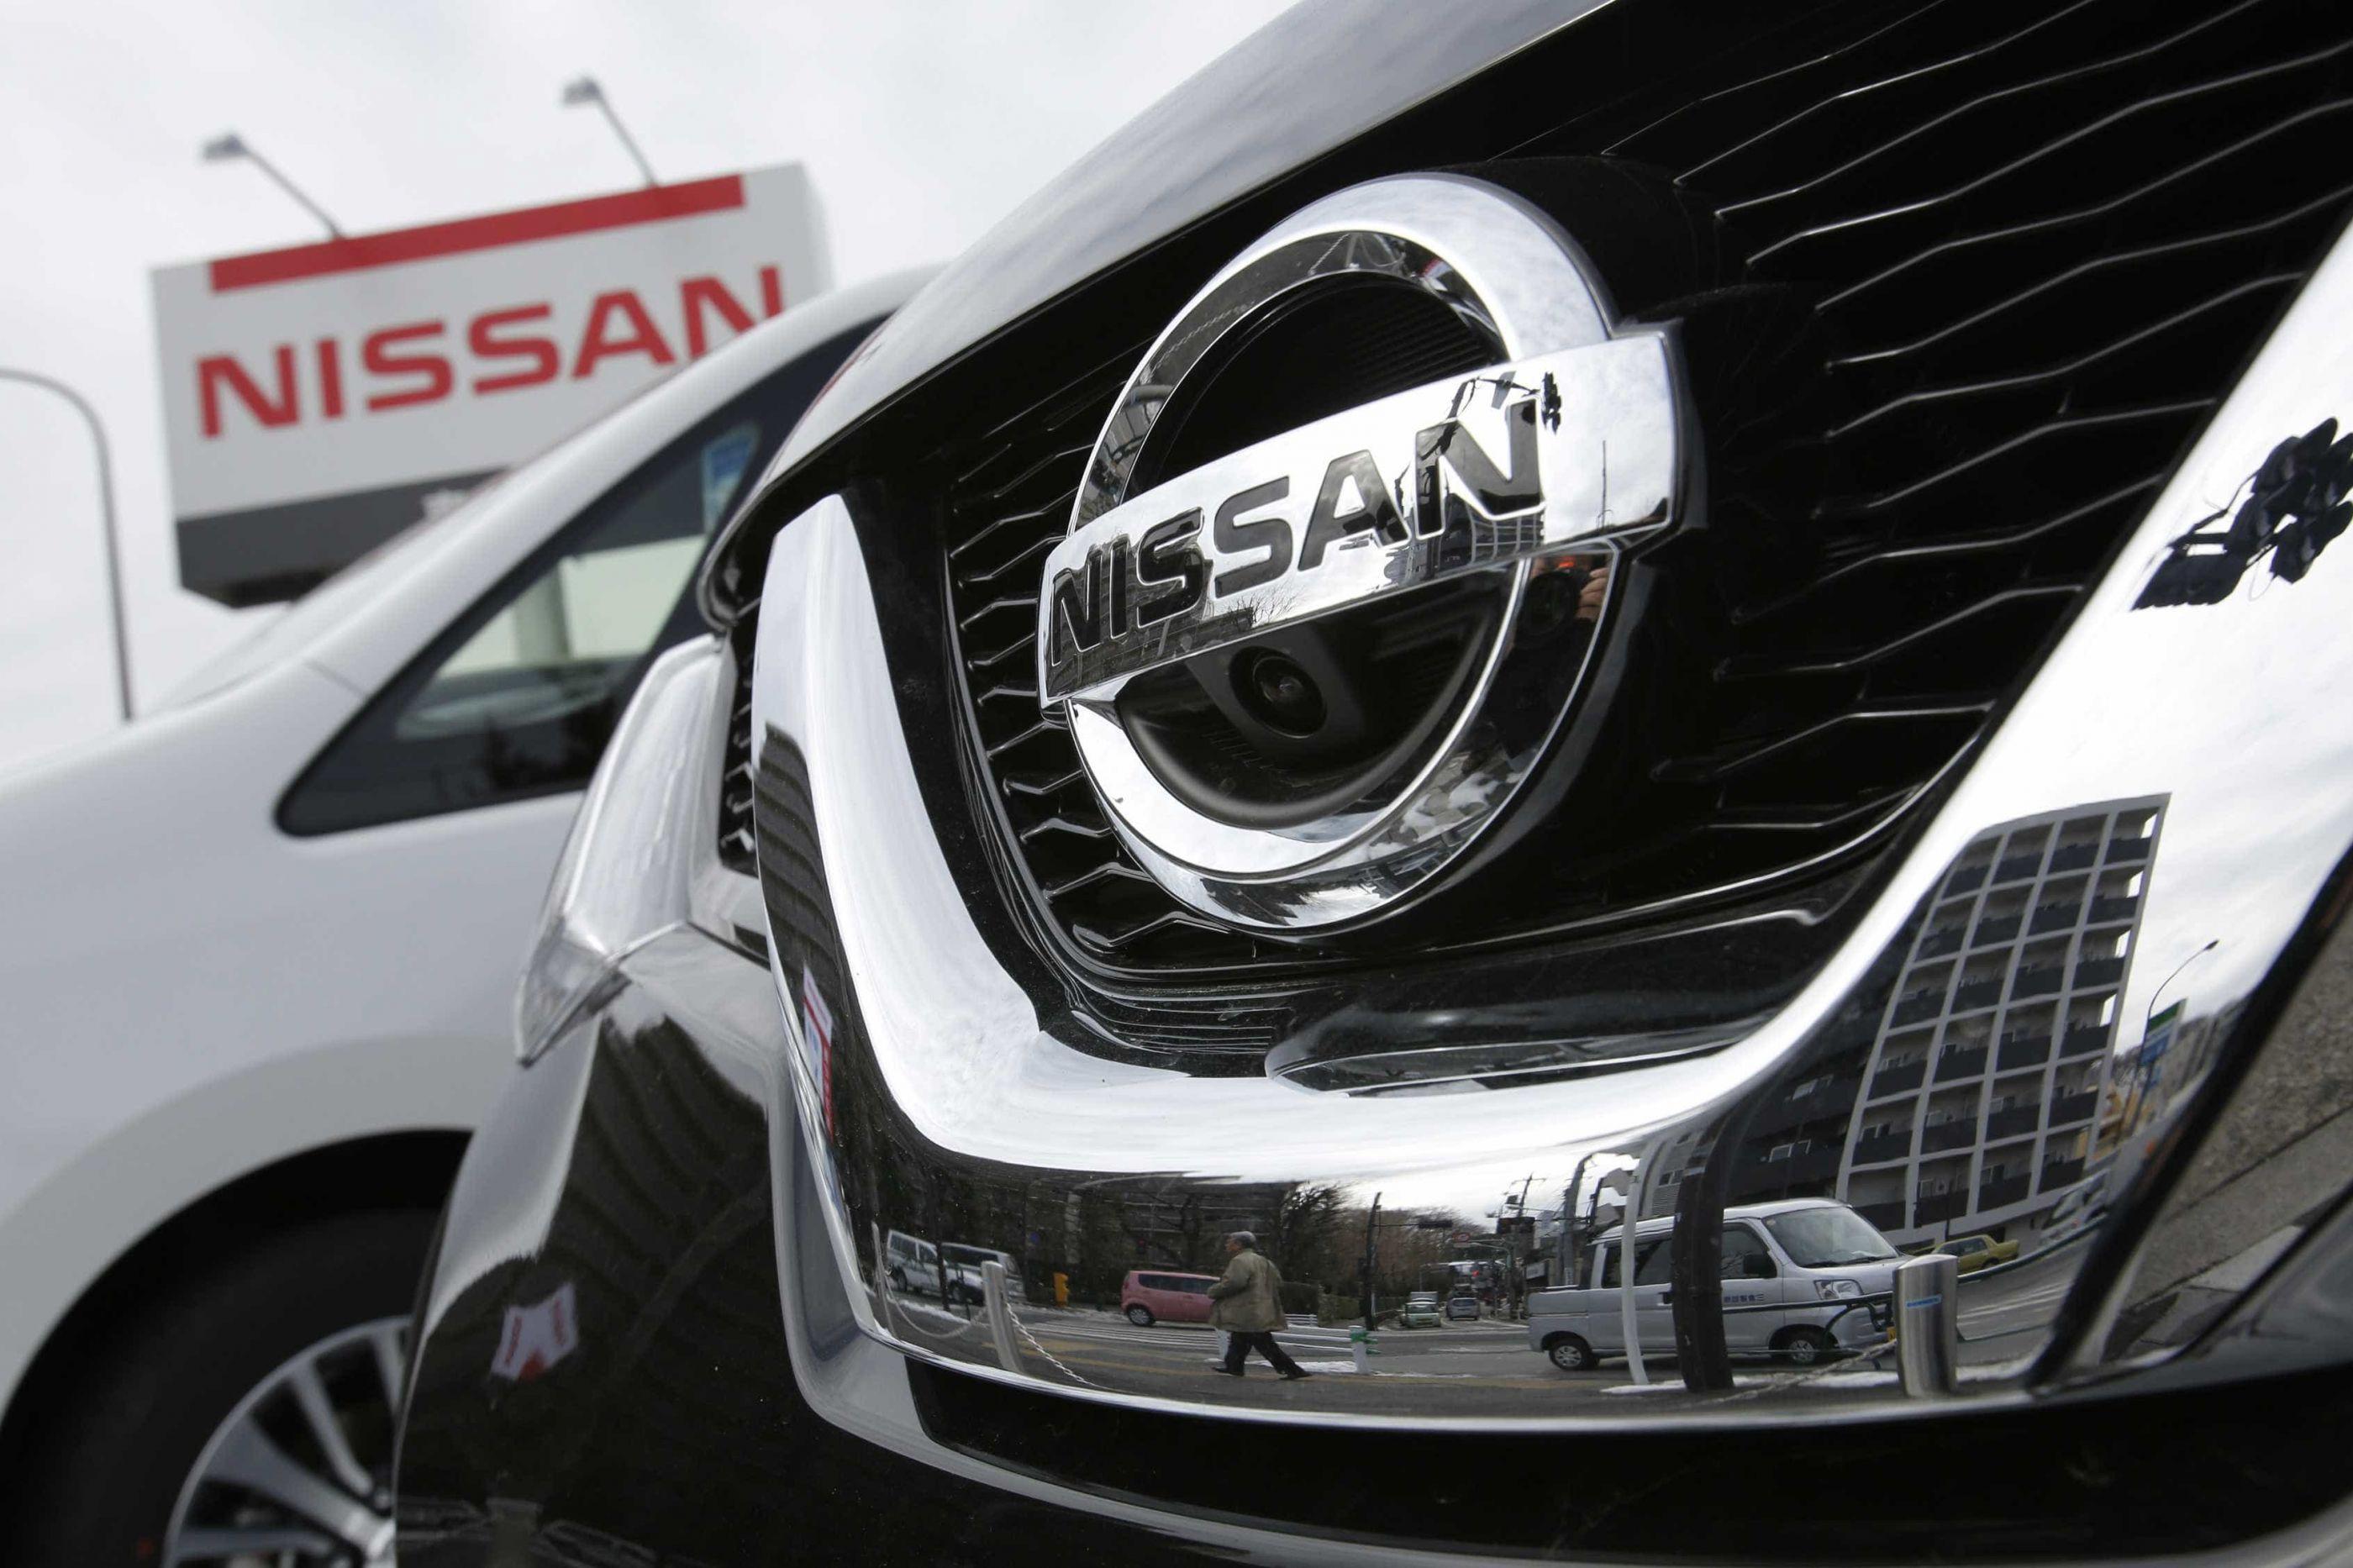 Nissan Portugal recolhe mais de 1.200 veículos por defeito no airbag